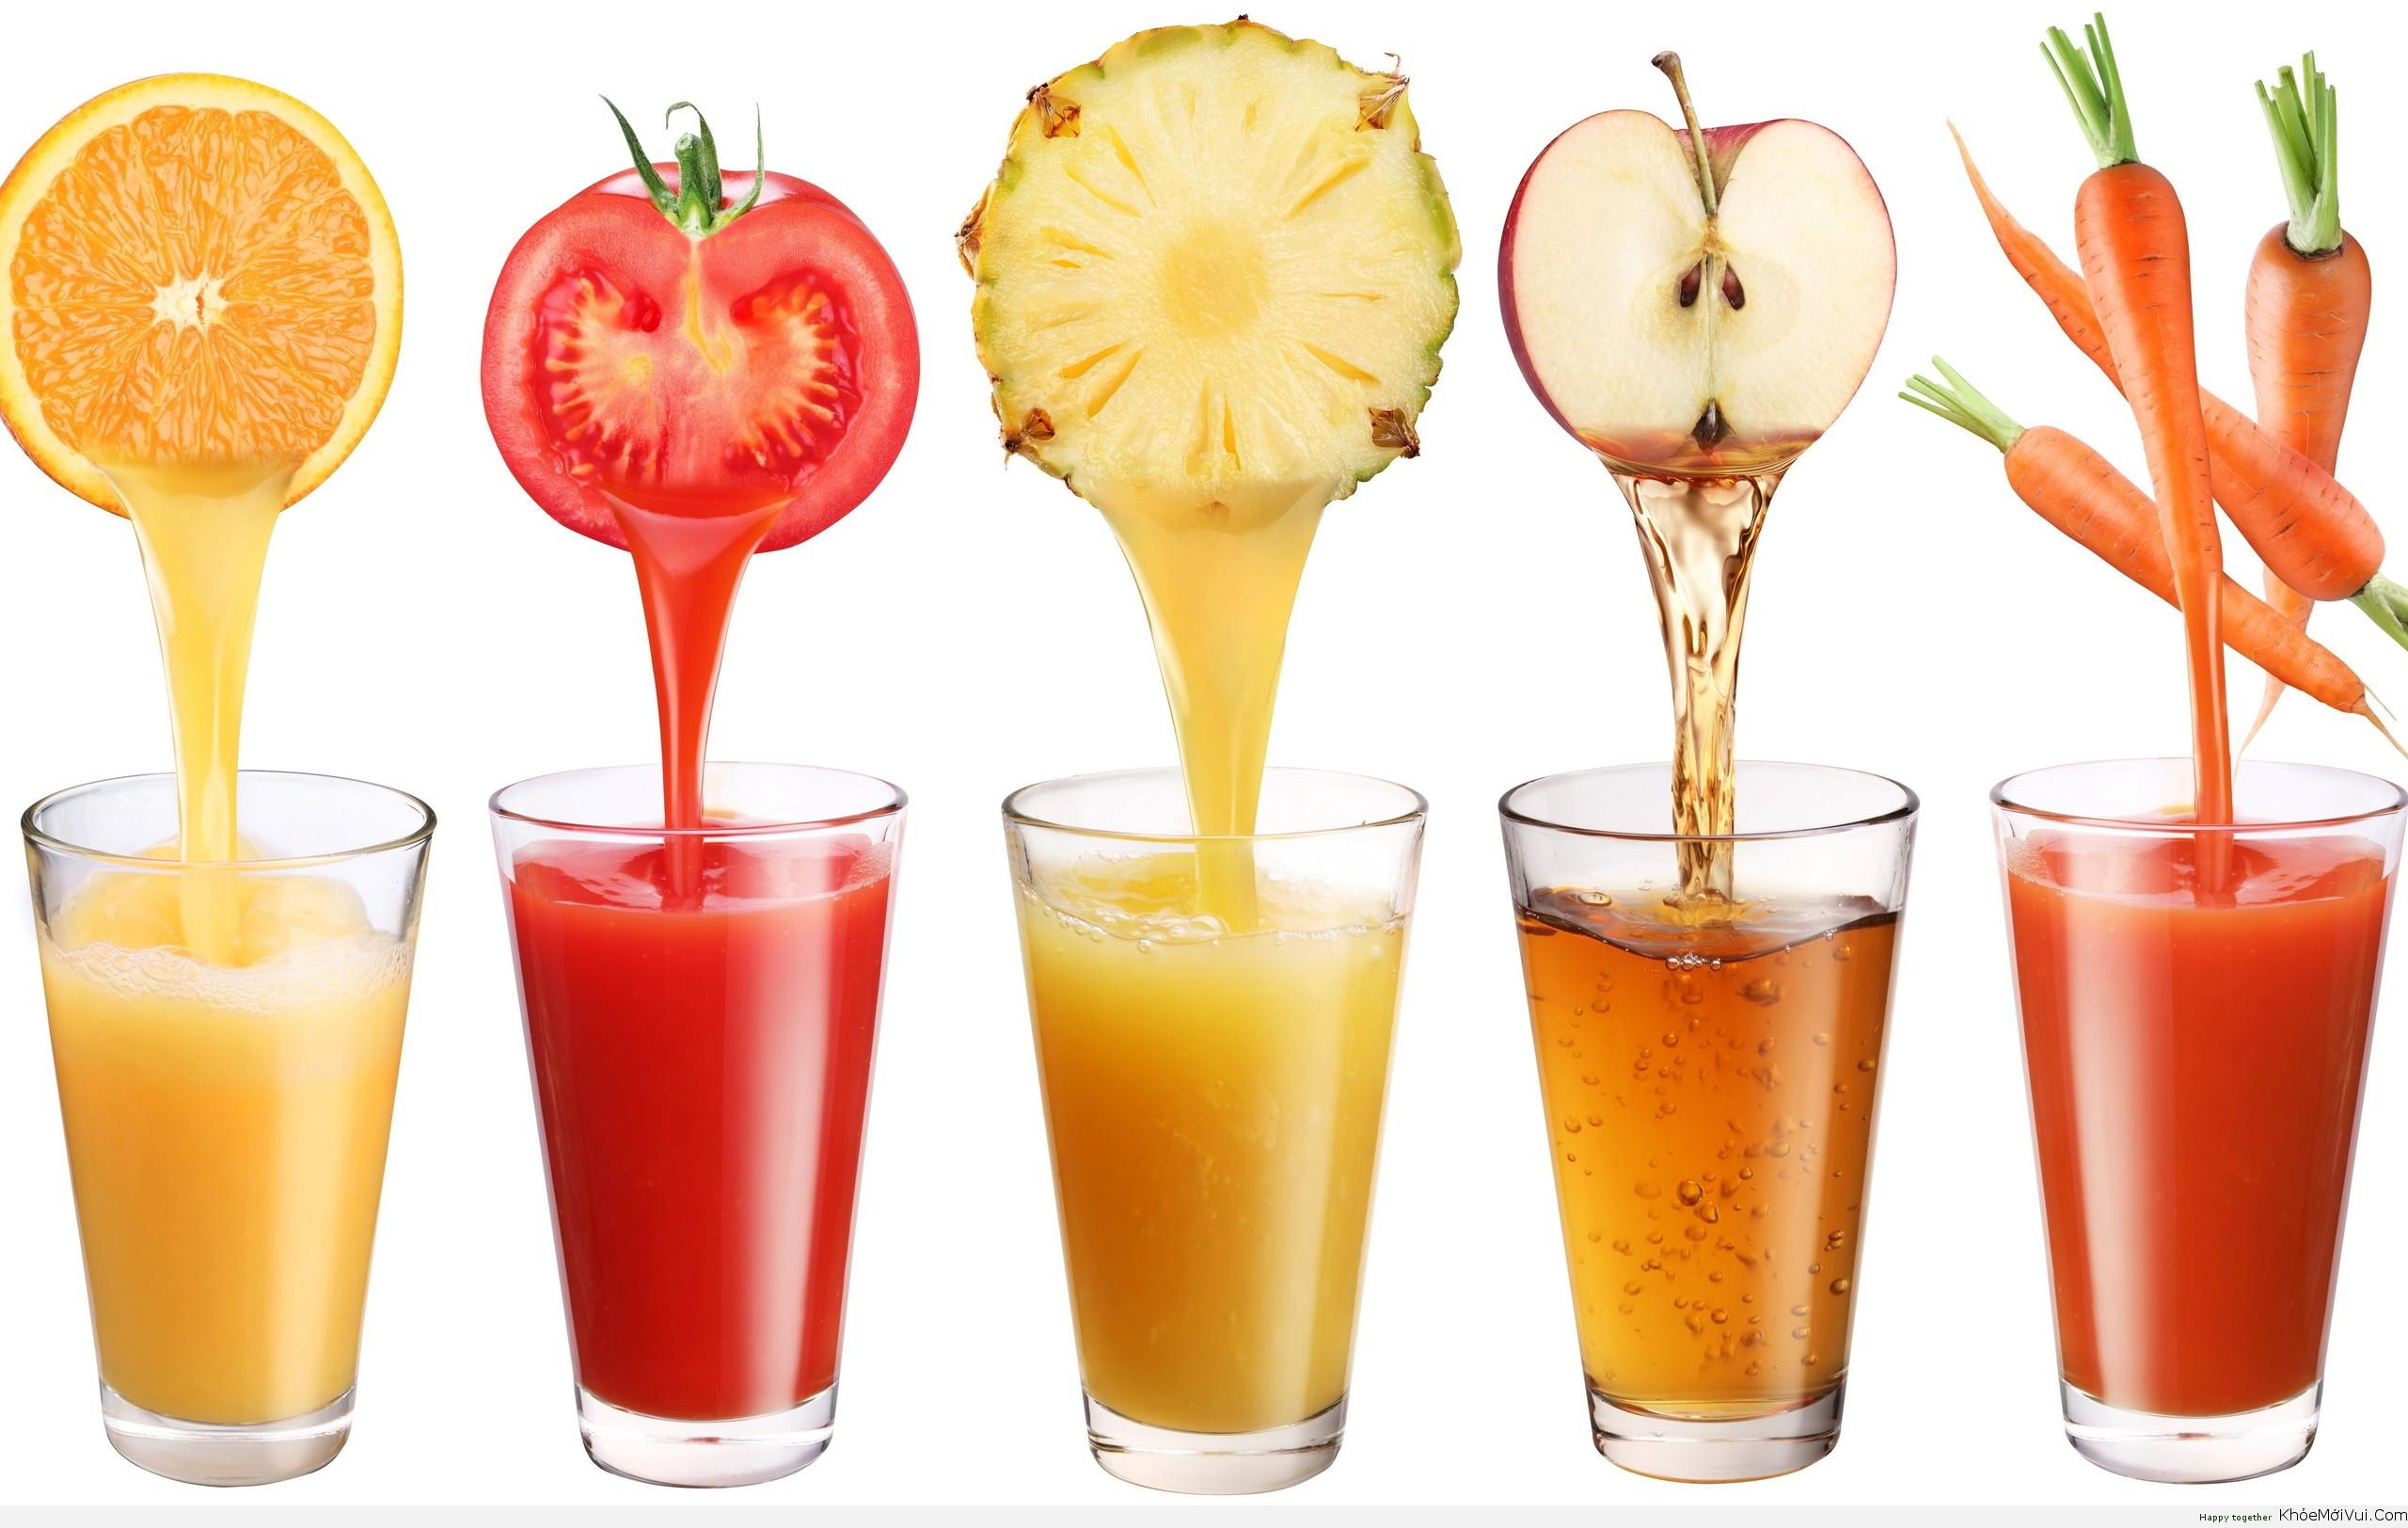 những loại trái cây, rau quả chưa qua khử trùng lại ẩn chứa nhiều nguy hiểm cho sức khỏe